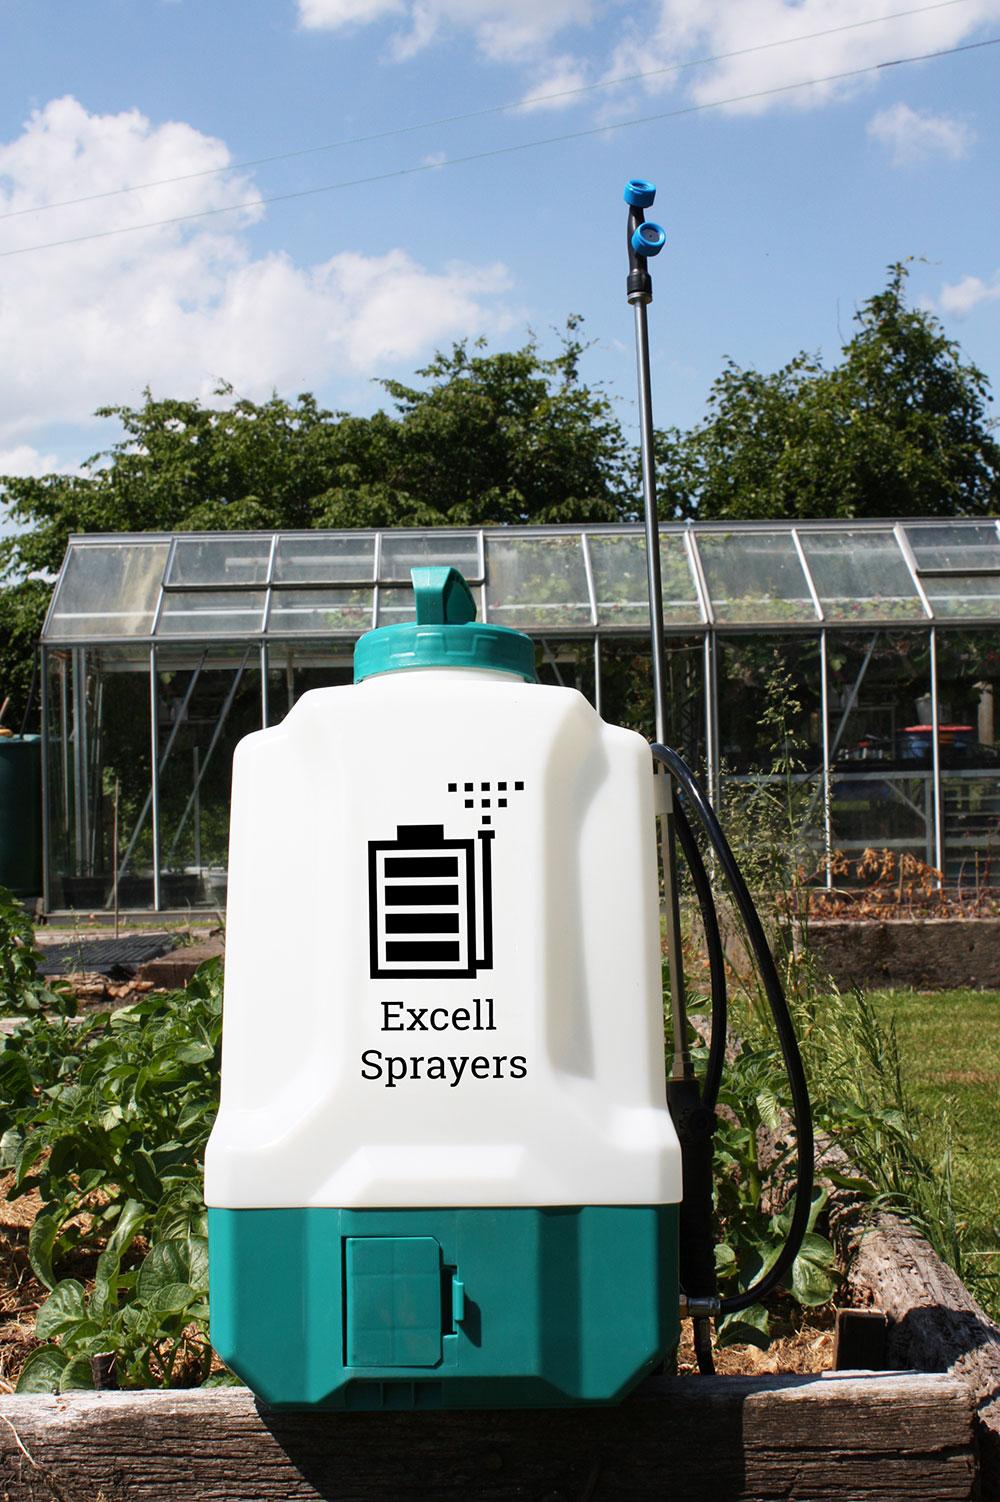 Excell Garden sprayers